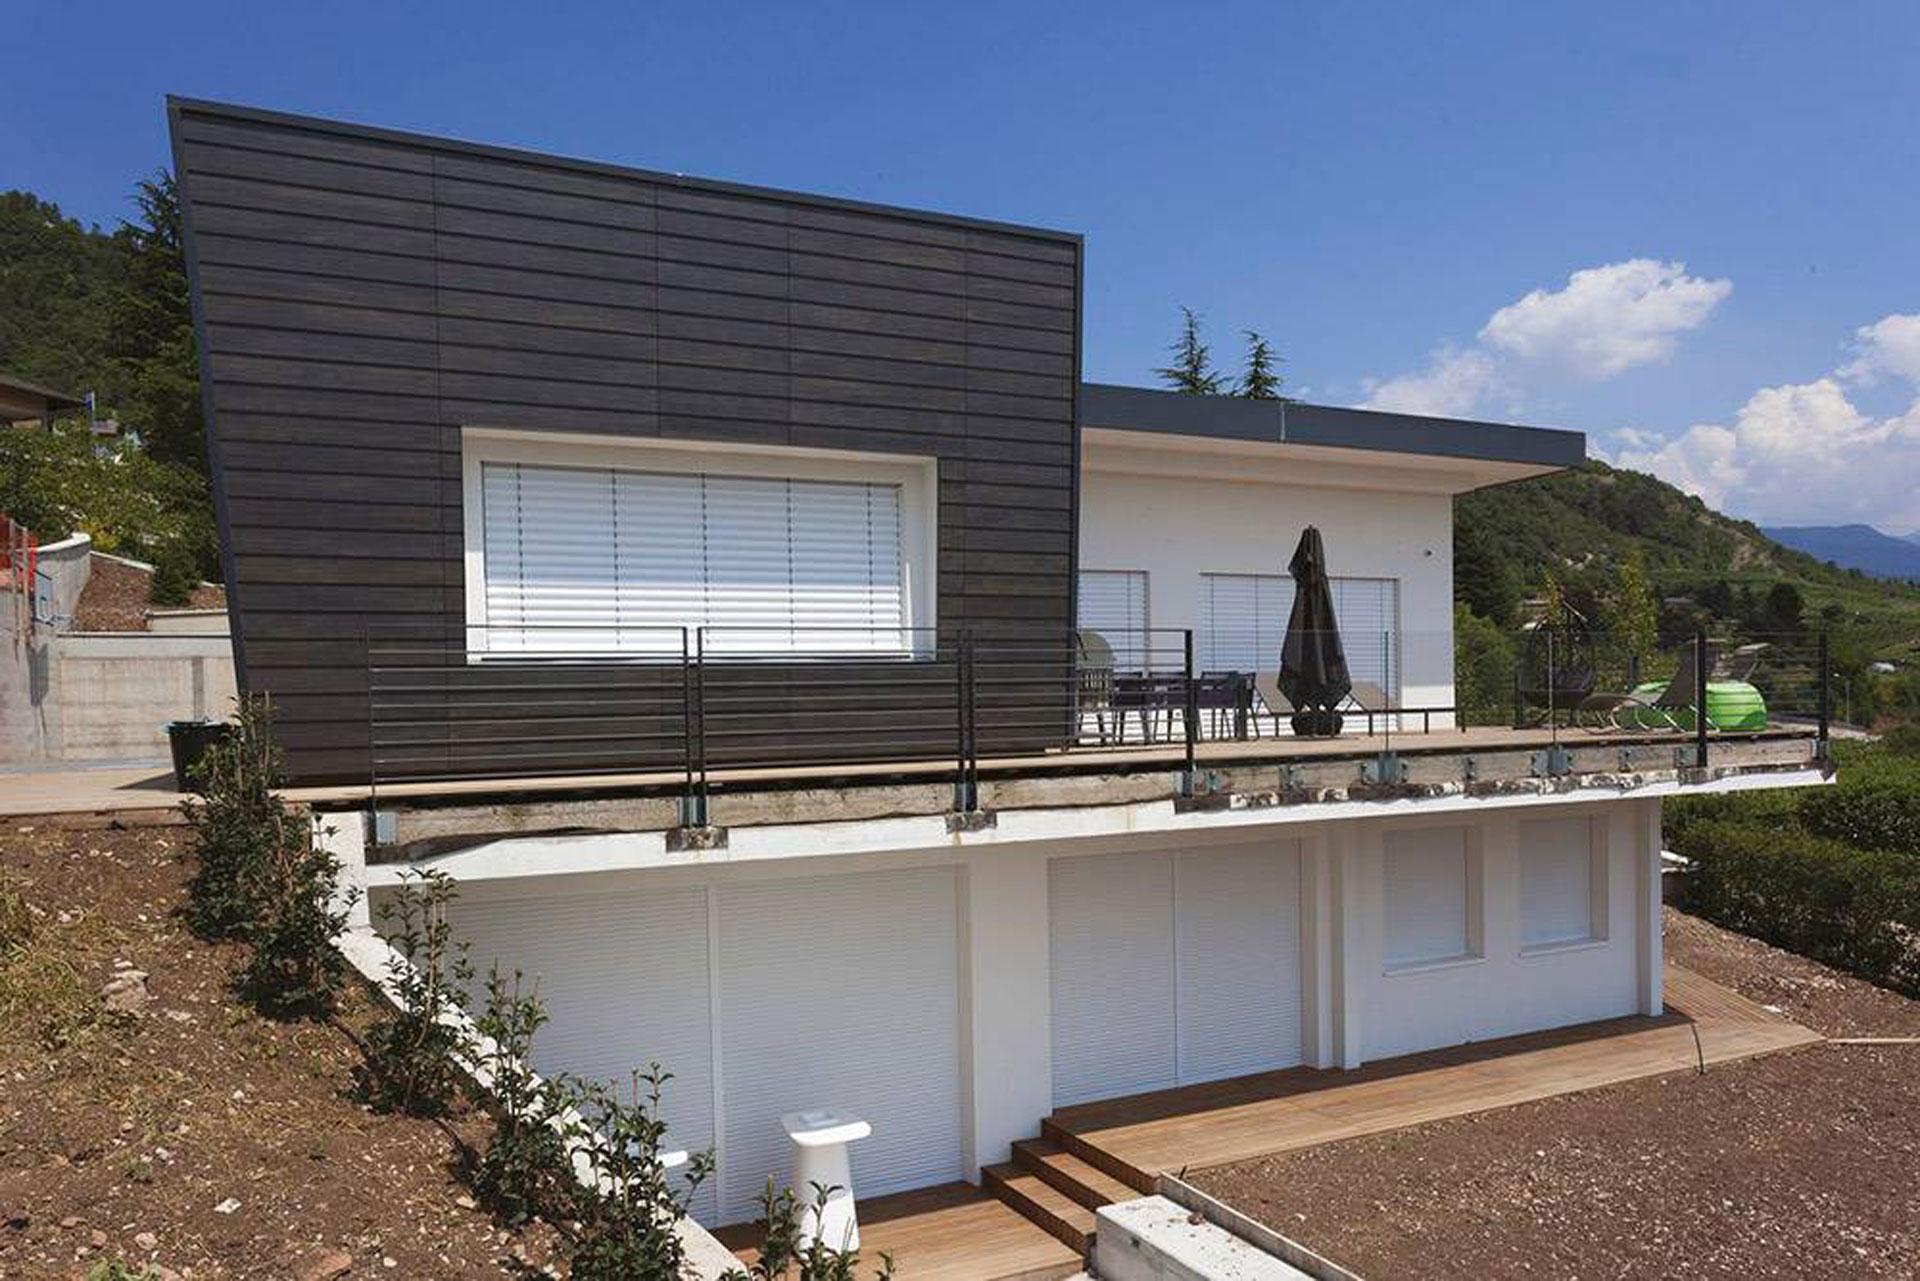 Hinterlüftete Wände für das Haus mit Feinsteinzeugfliesen